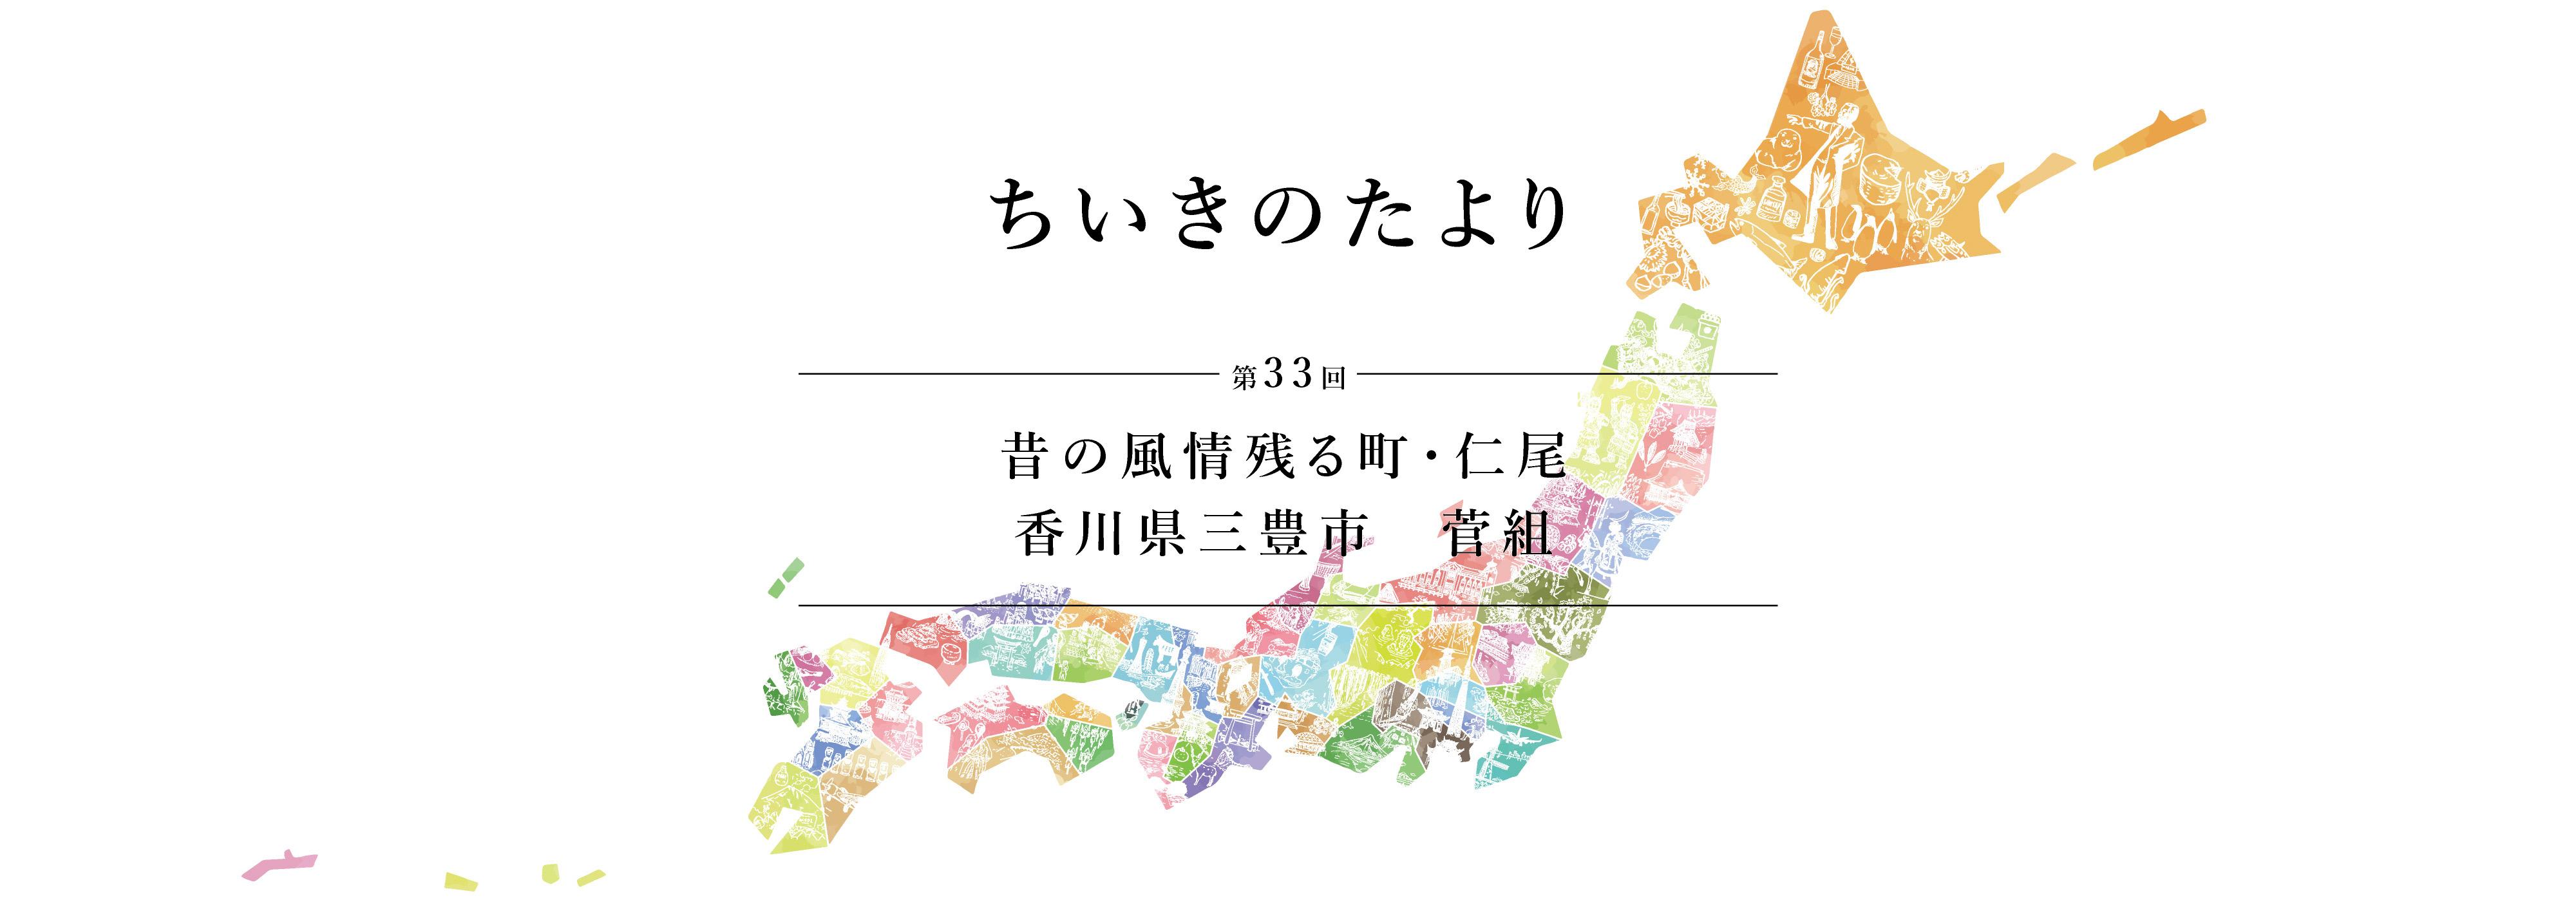 ちいきのたより第33回昔の風情残る町仁尾 香川県三豊市 菅組